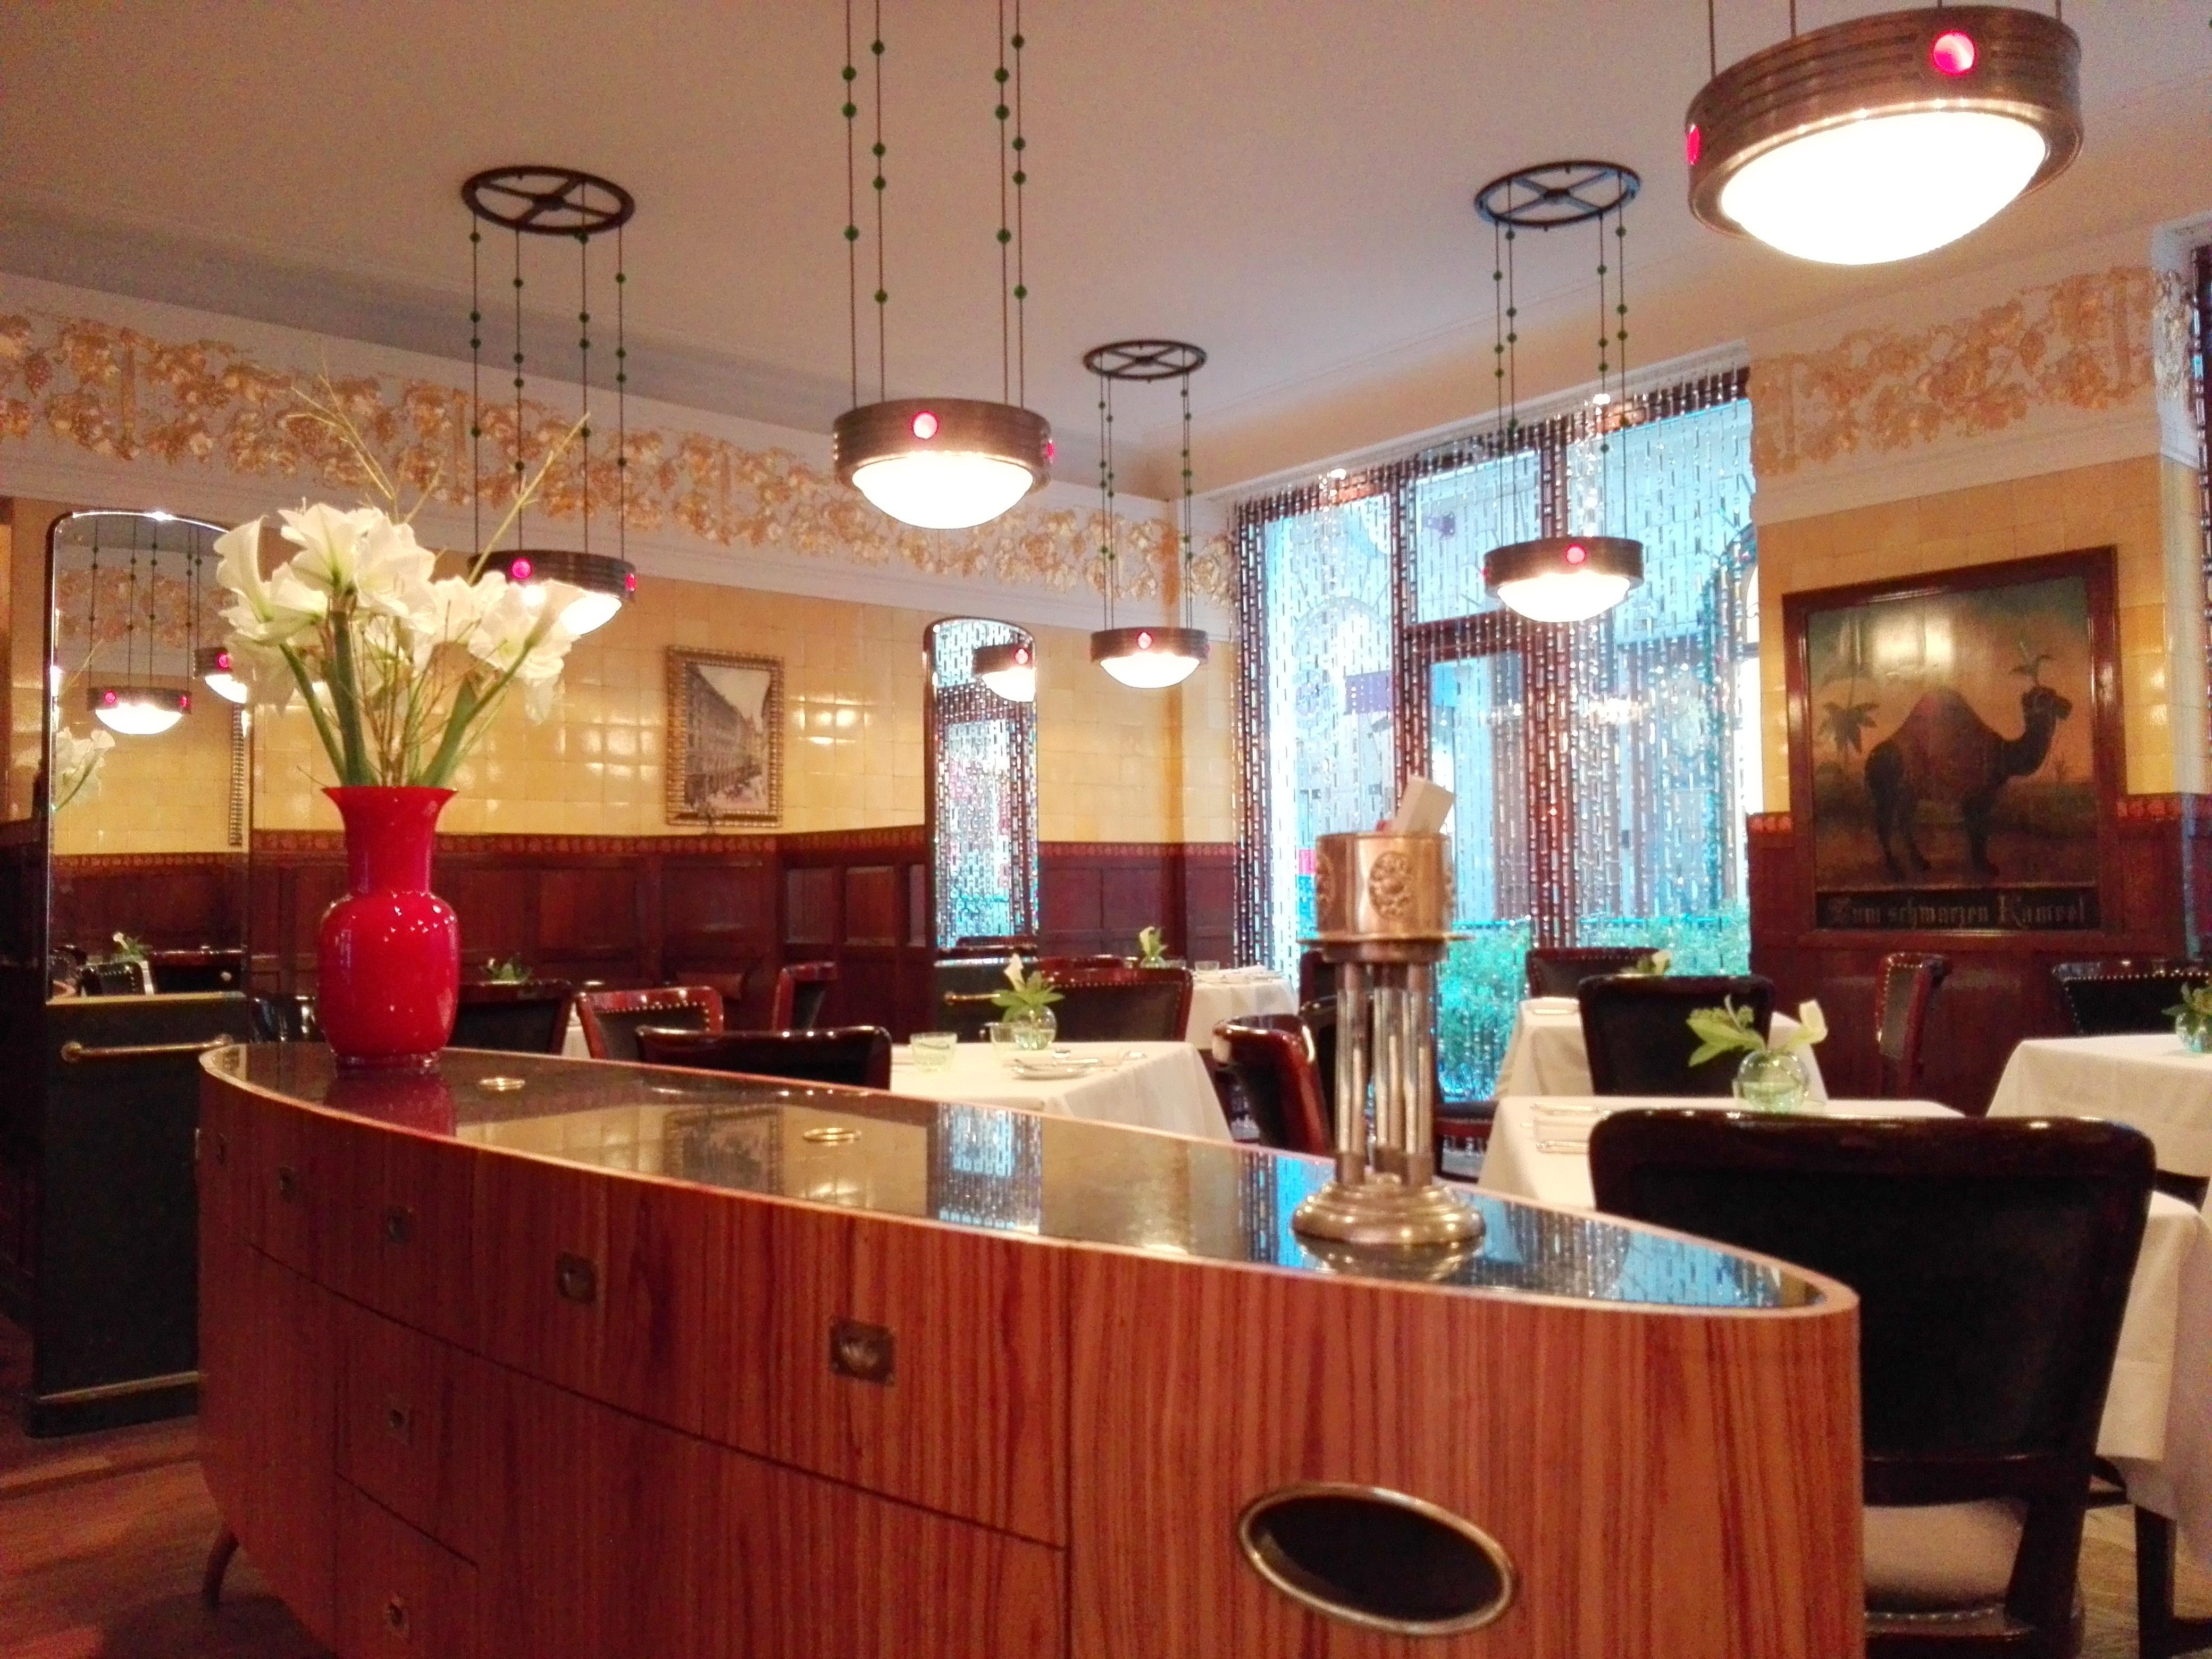 Zum Schwarzen Kameel, Restaurant, Bild (c) Claudia Busser - HEROLD.at